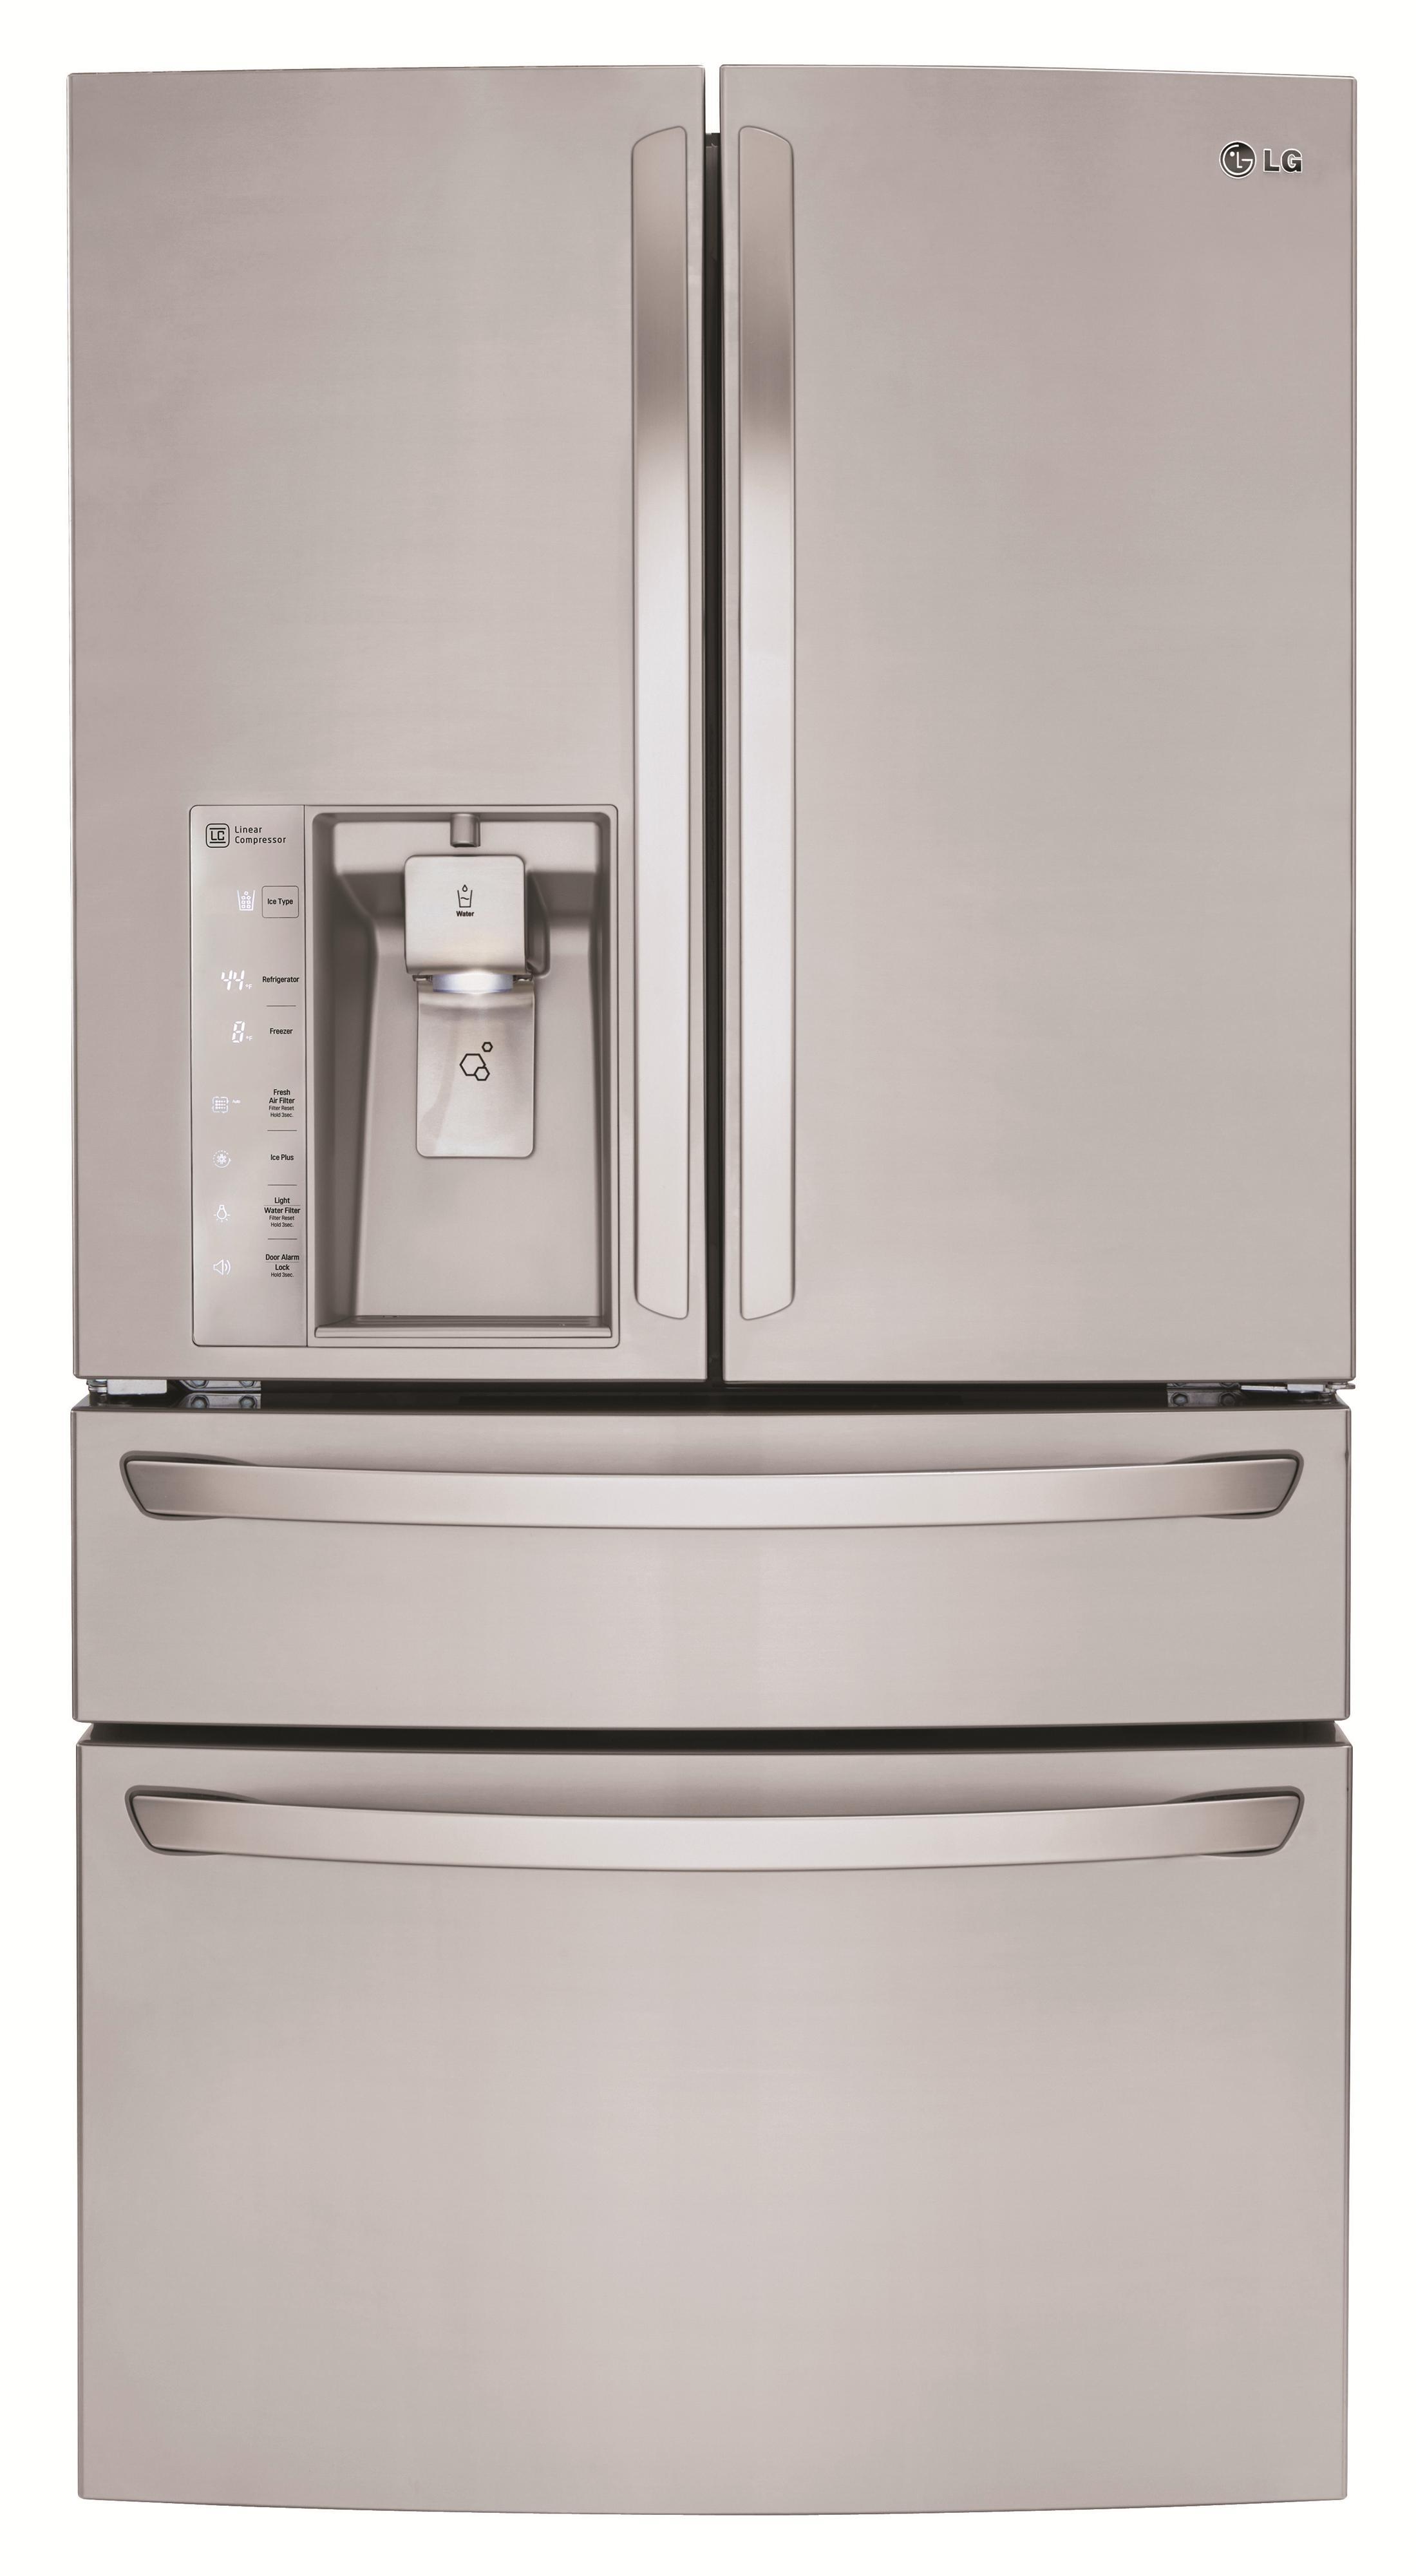 LG Appliances French Door Refrigerators 30 cu. ft. 4 Door French Door Fridge - Item Number: LMXS30746S